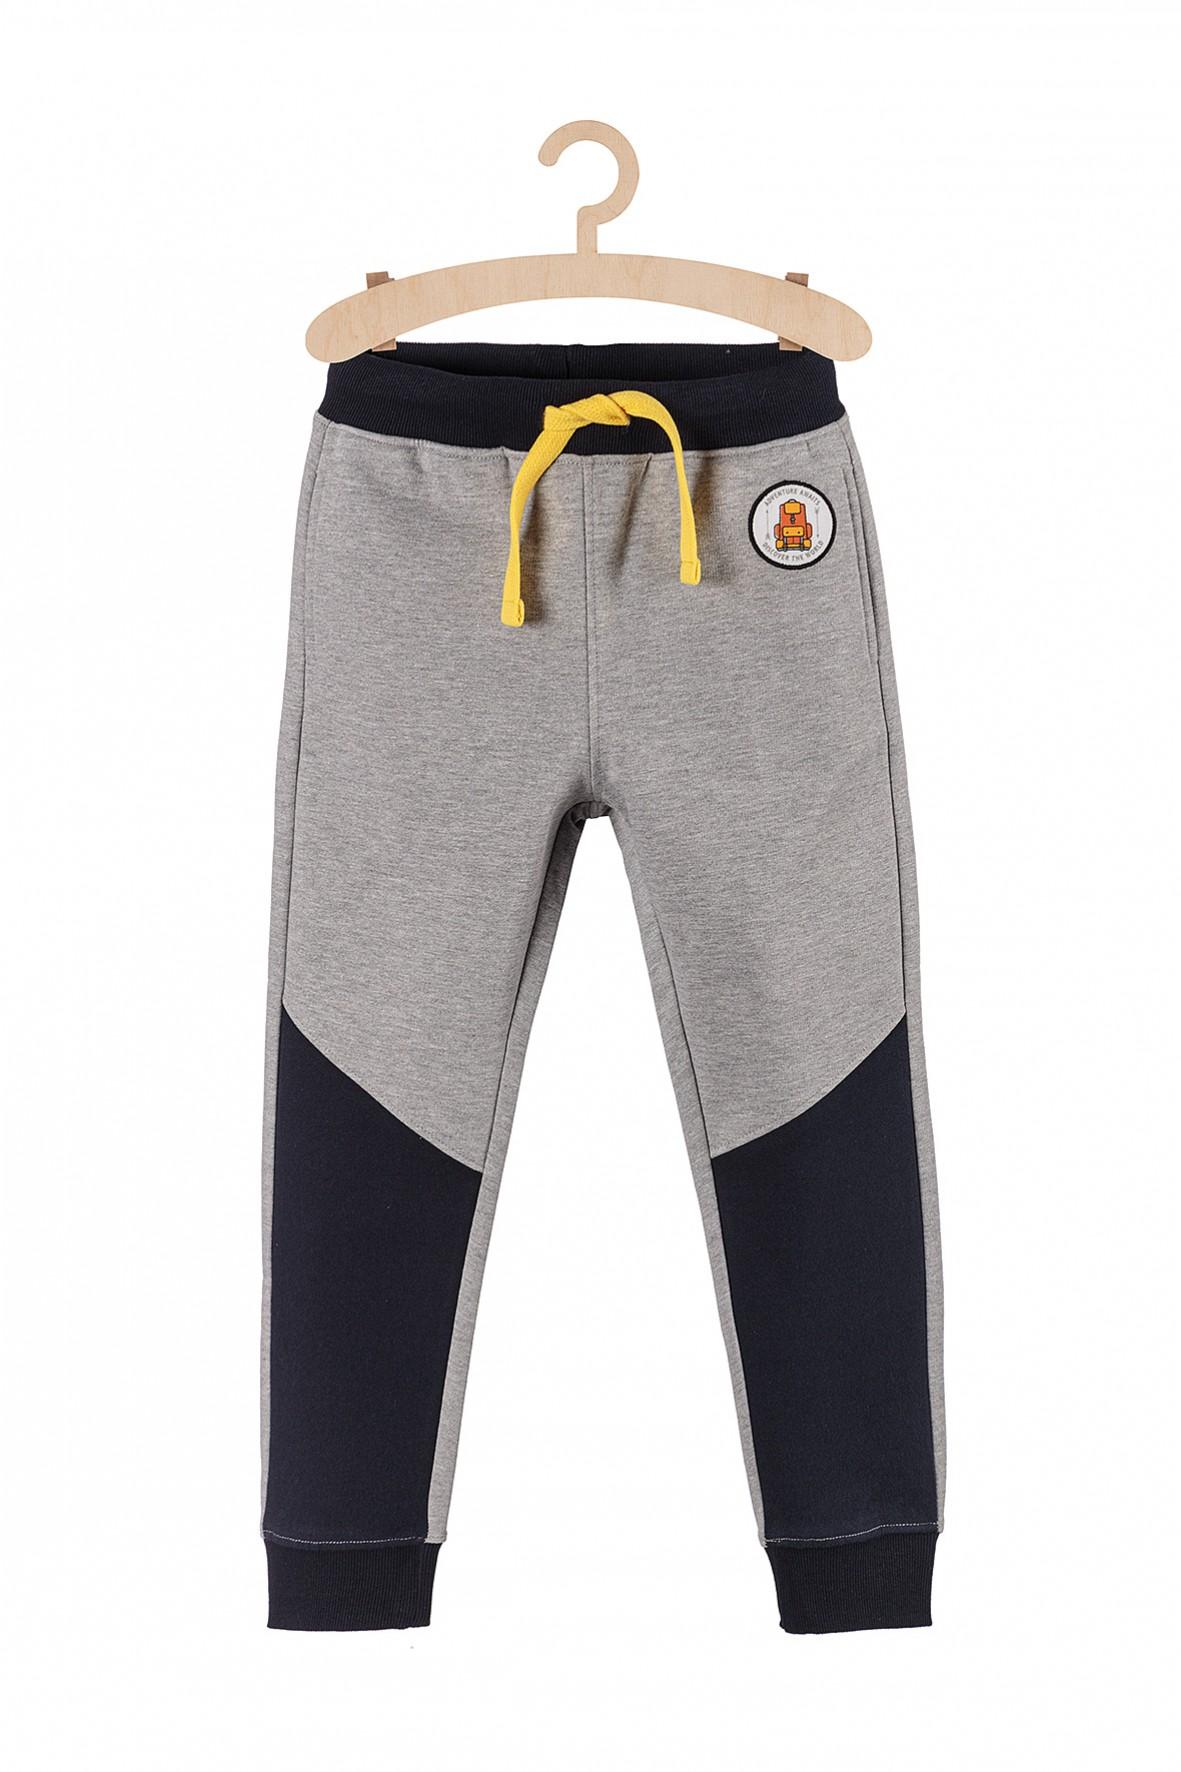 Spodnie chłopięce dresowe- szare